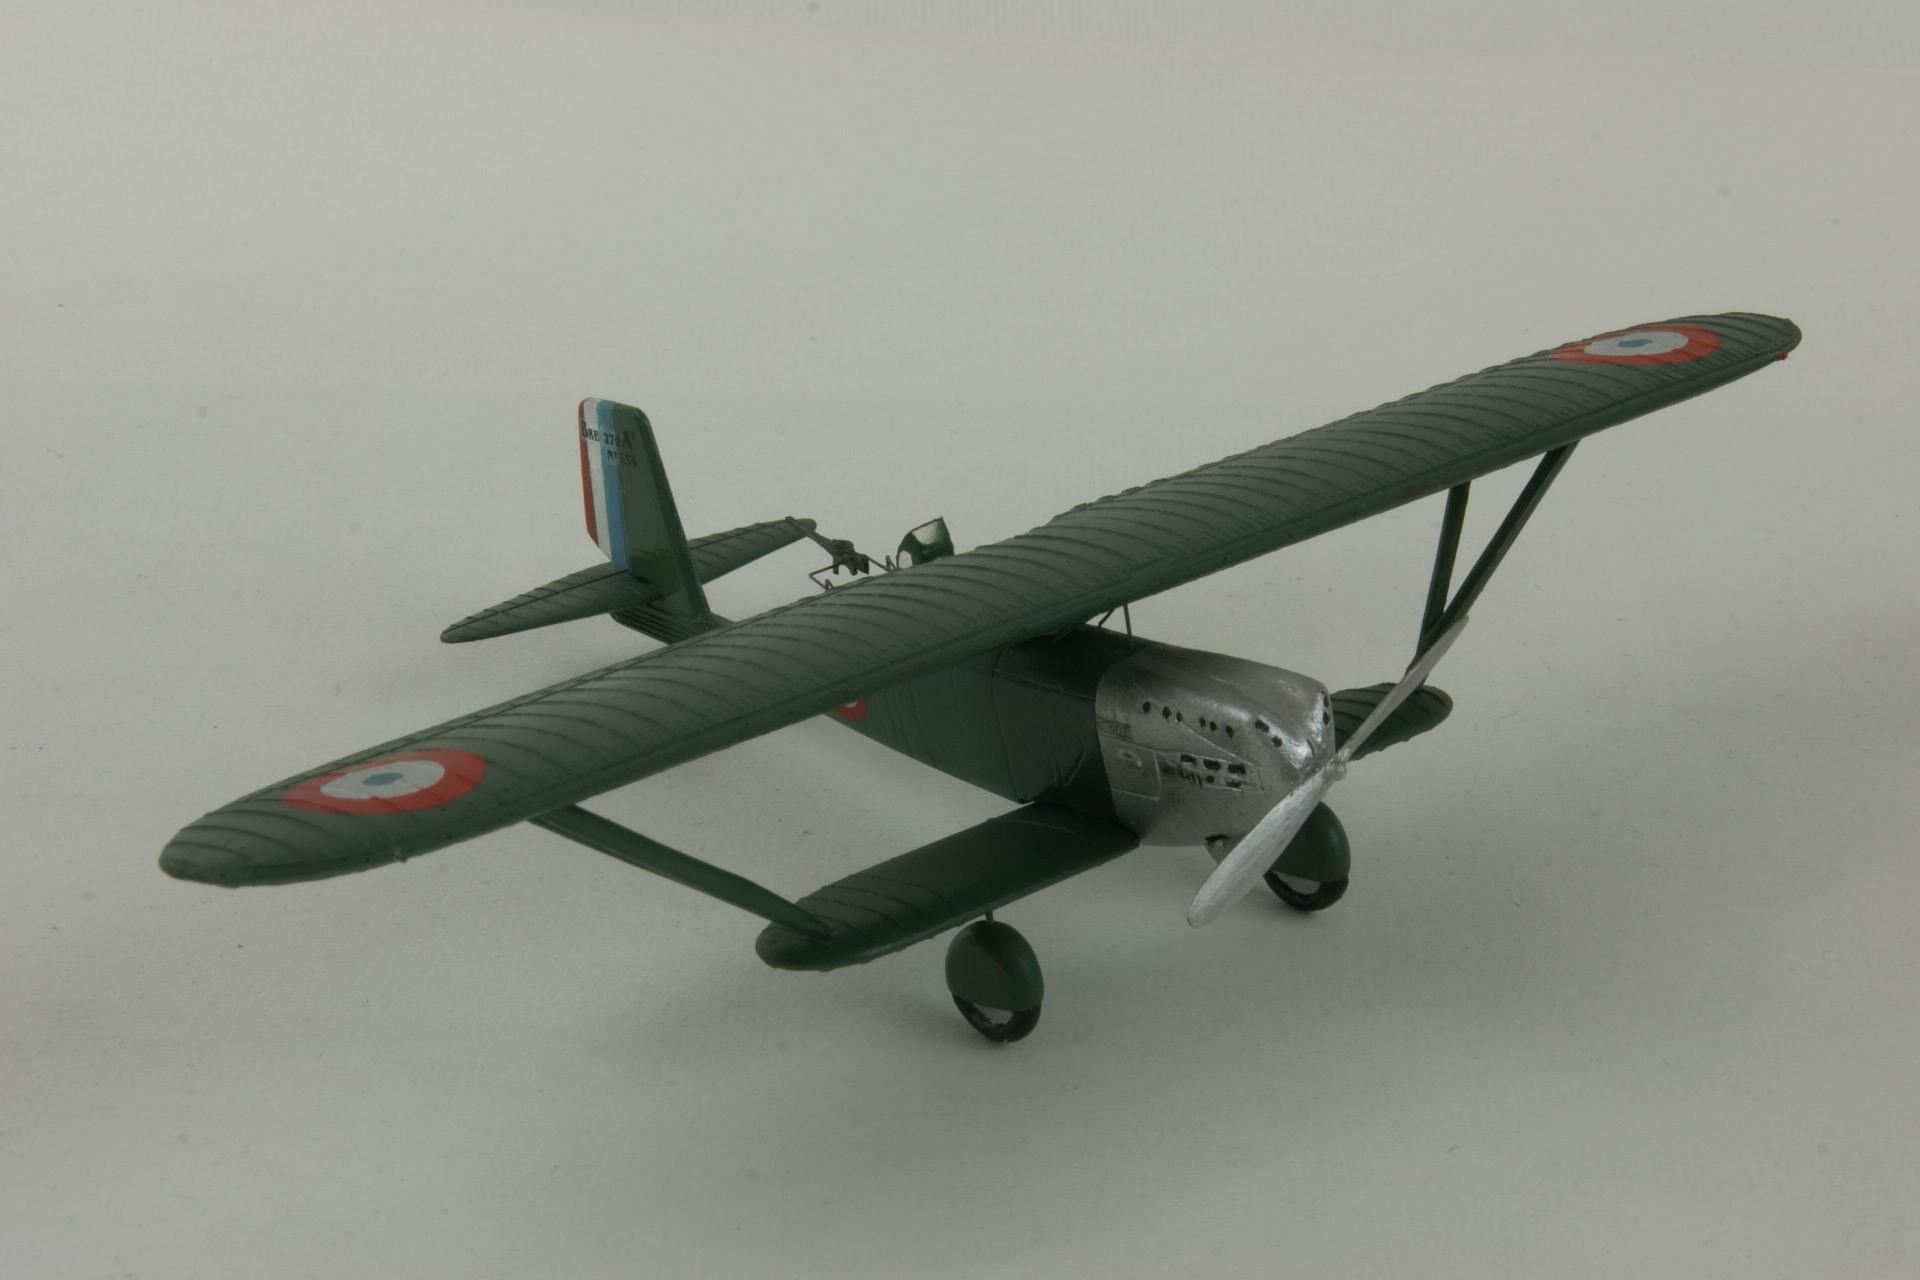 Breguet 270 8